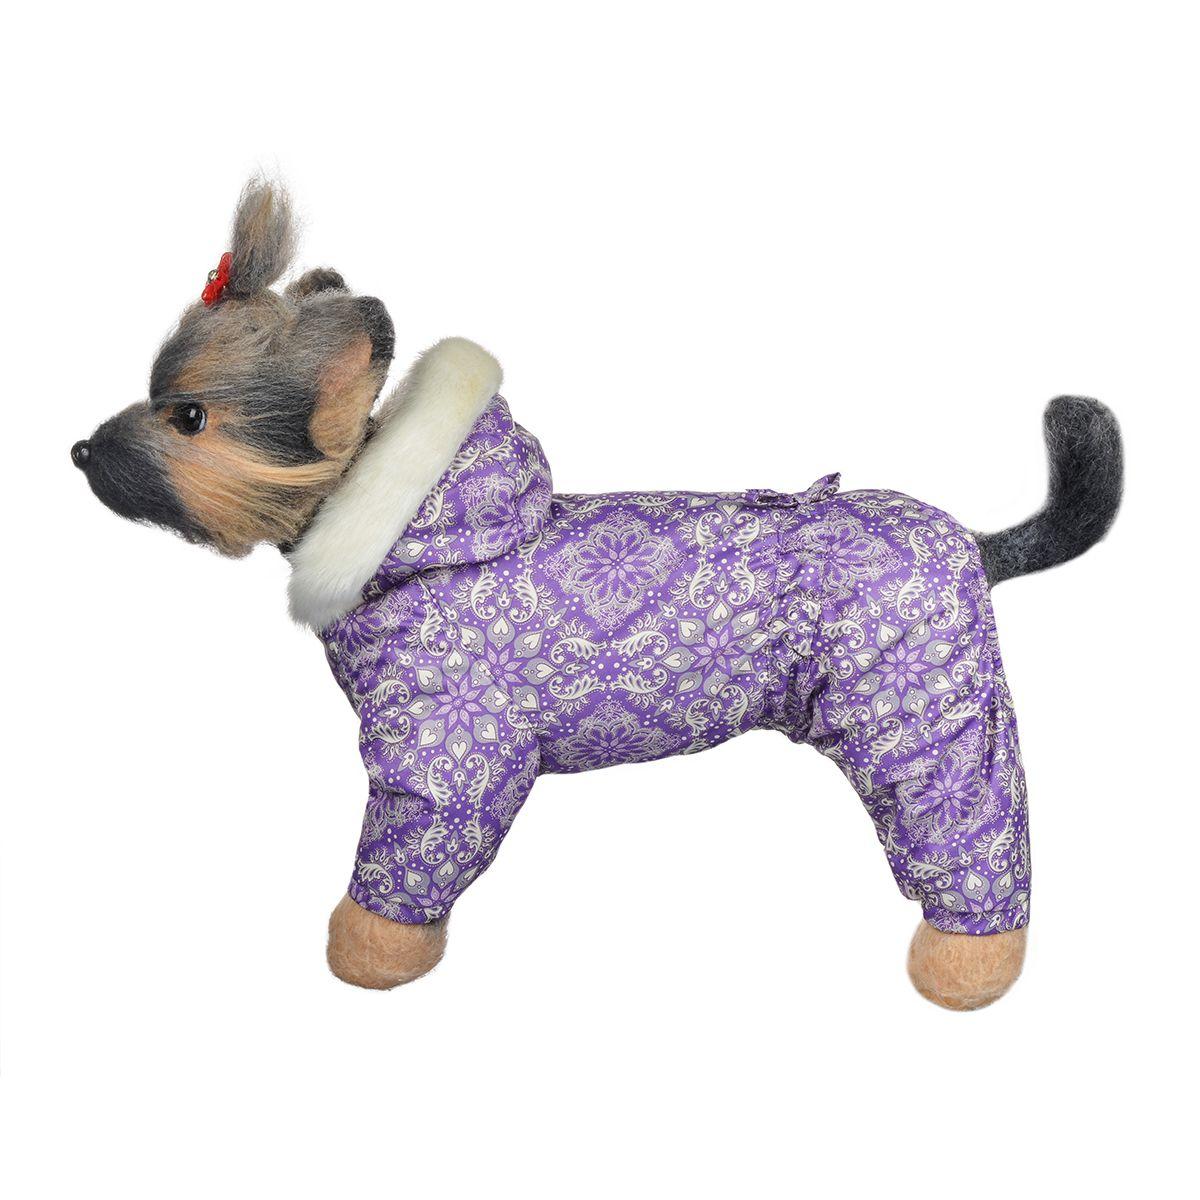 Комбинезон для собак Dogmoda Winter, зимний, для девочки, цвет: фиолетовый, белый, серый. Размер 1 (S)0120710Зимний комбинезон для собак Dogmoda Winter отлично подойдет для прогулок в зимнее время года.Комбинезон изготовлен из полиэстера, защищающего от ветра и снега, с утеплителем из синтепона, который сохранит тепло даже в сильные морозы, а на подкладке используется искусственный мех, который обеспечивает отличный воздухообмен. Комбинезон с капюшоном застегивается на кнопки, благодаря чему его легко надевать и снимать. Капюшон украшен искусственным мехом и не отстегивается. Низ рукавов и брючин оснащен внутренними резинками, которые мягко обхватывают лапки, не позволяя просачиваться холодному воздуху. На пояснице комбинезон затягивается на шнурок-кулиску.Благодаря такому комбинезону простуда не грозит вашему питомцу.